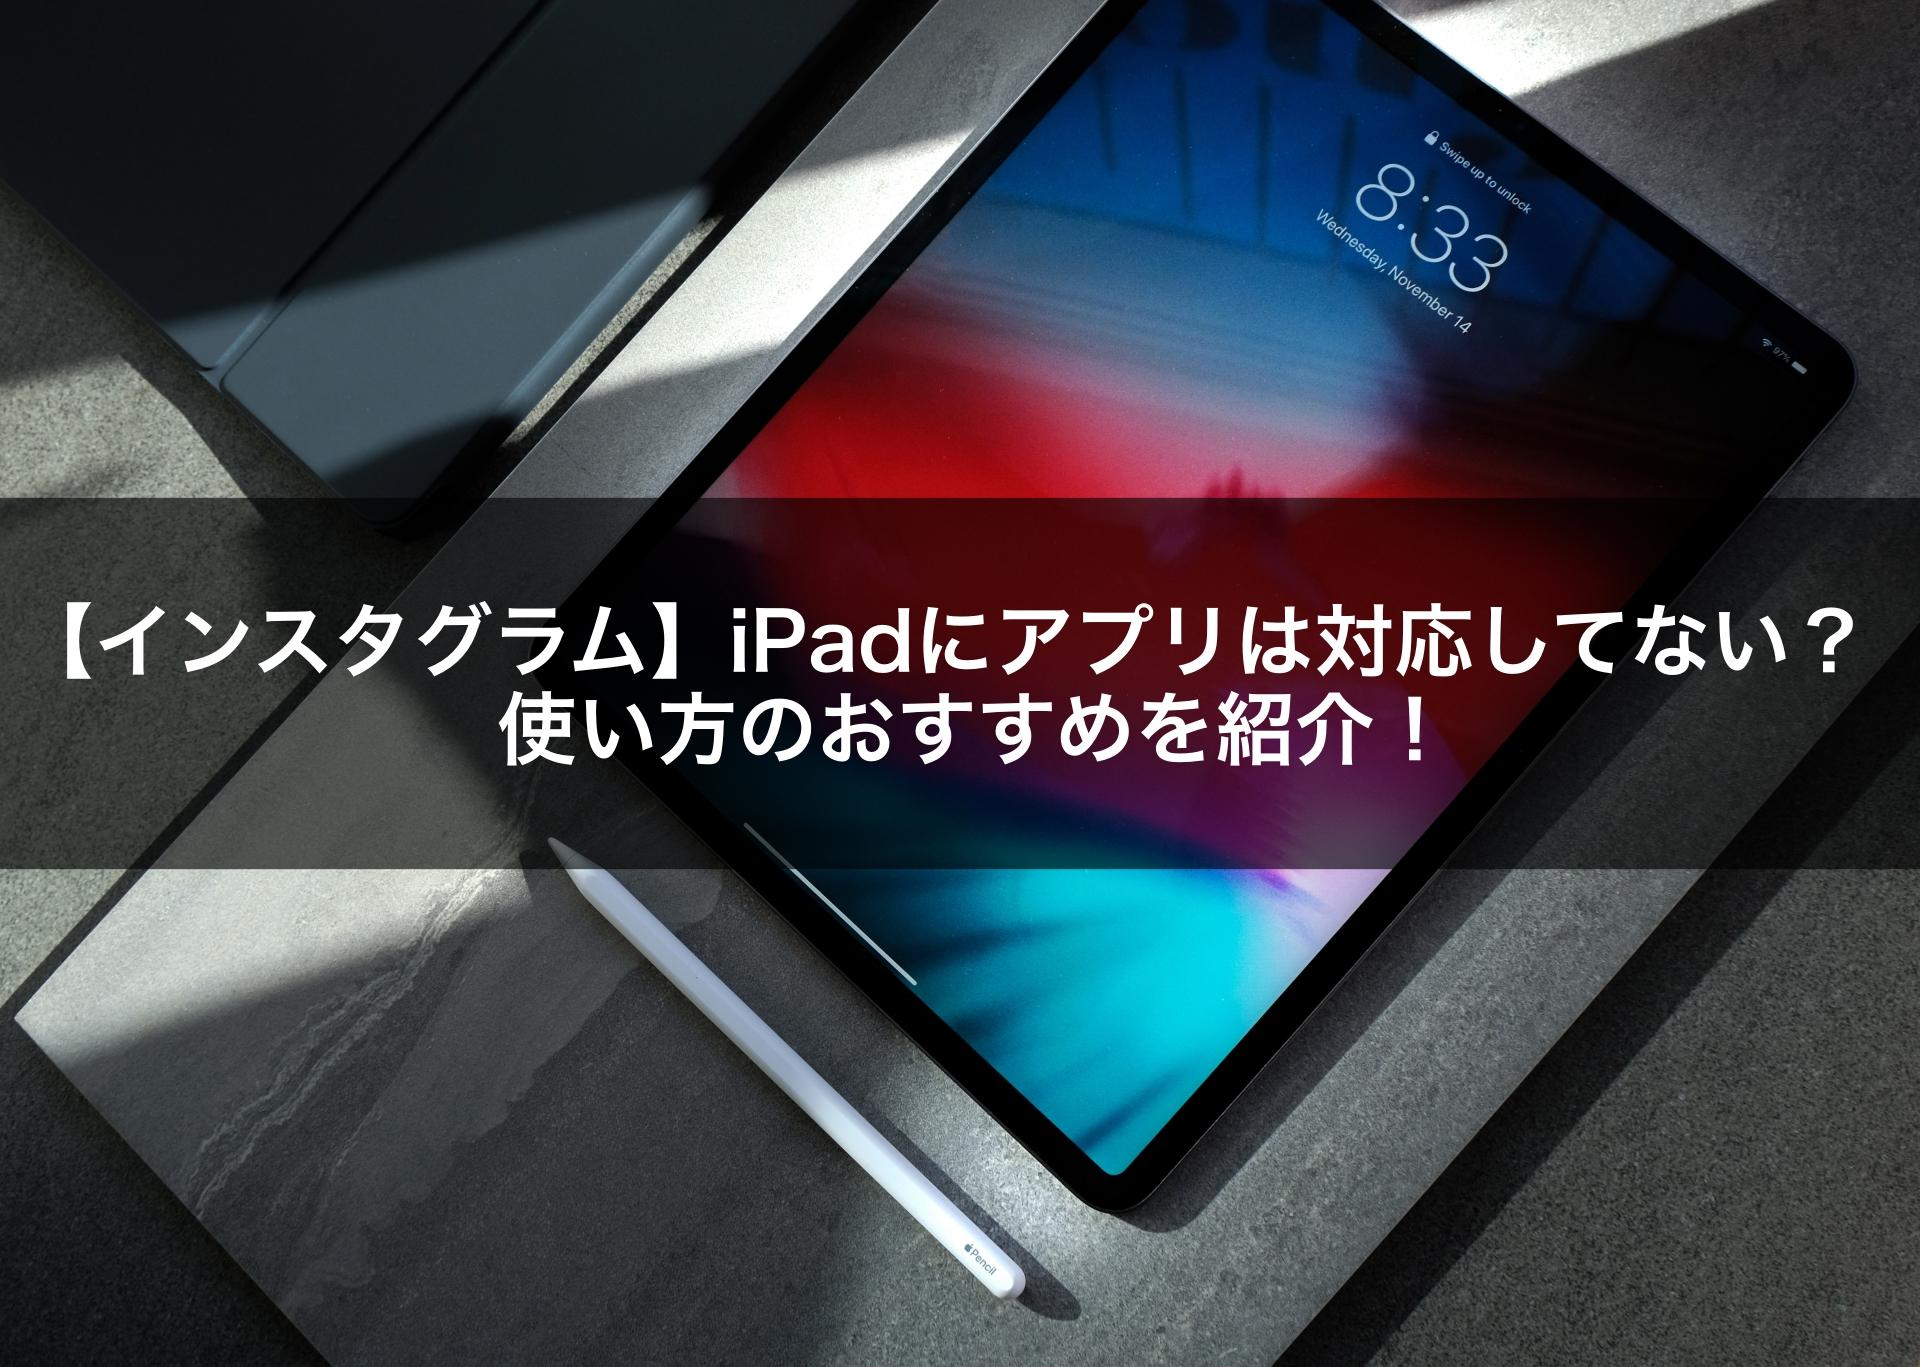 【インスタグラム】iPadにアプリは対応してない?使い方のおすすめを紹介!